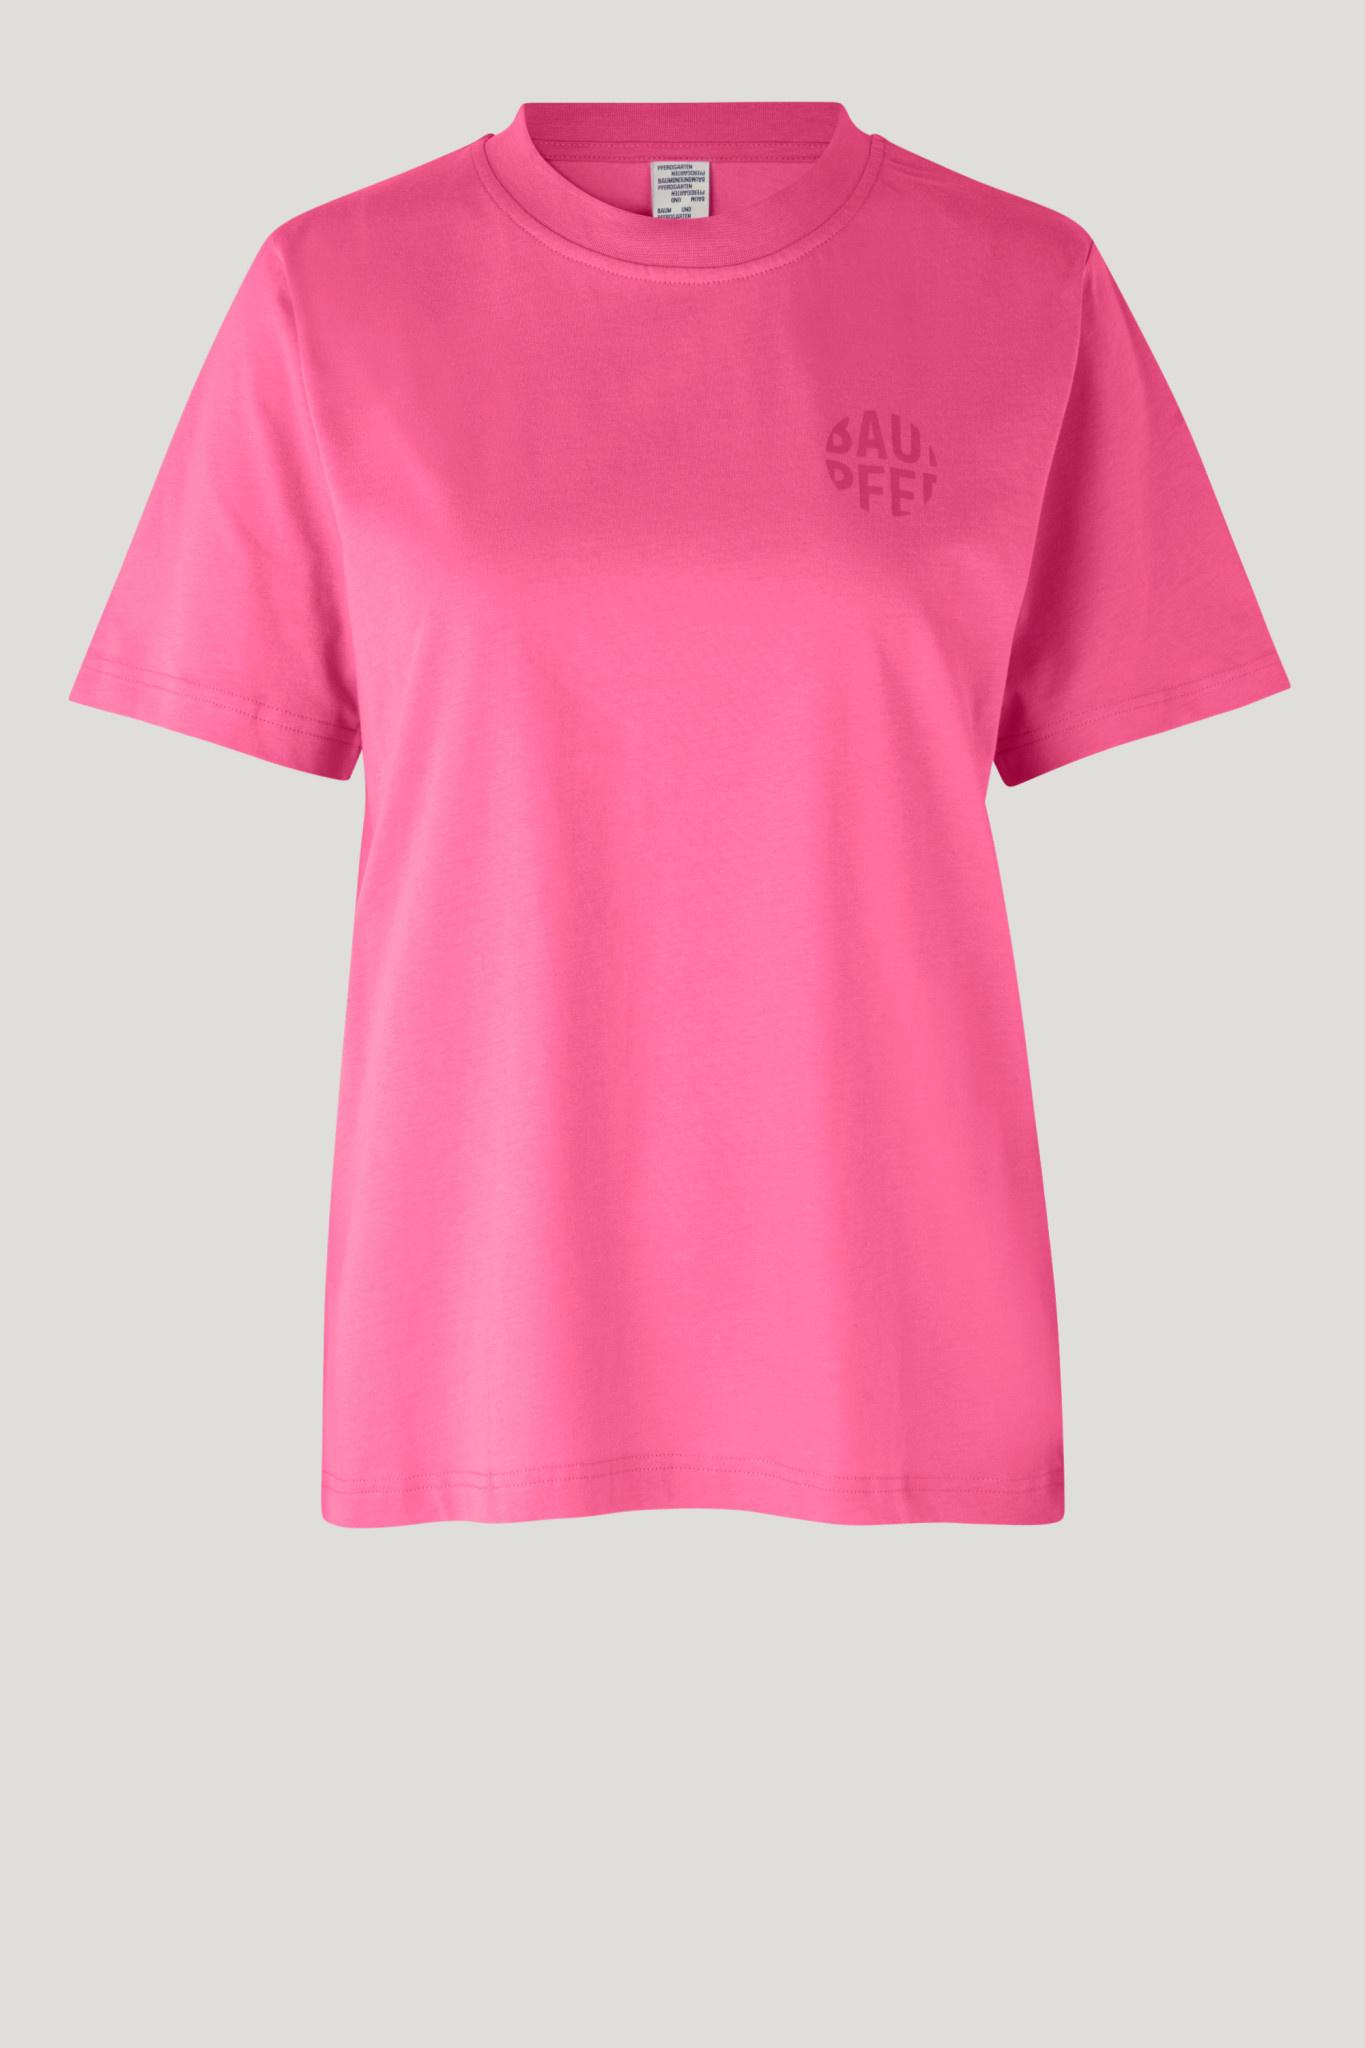 Jalo tee pink-2